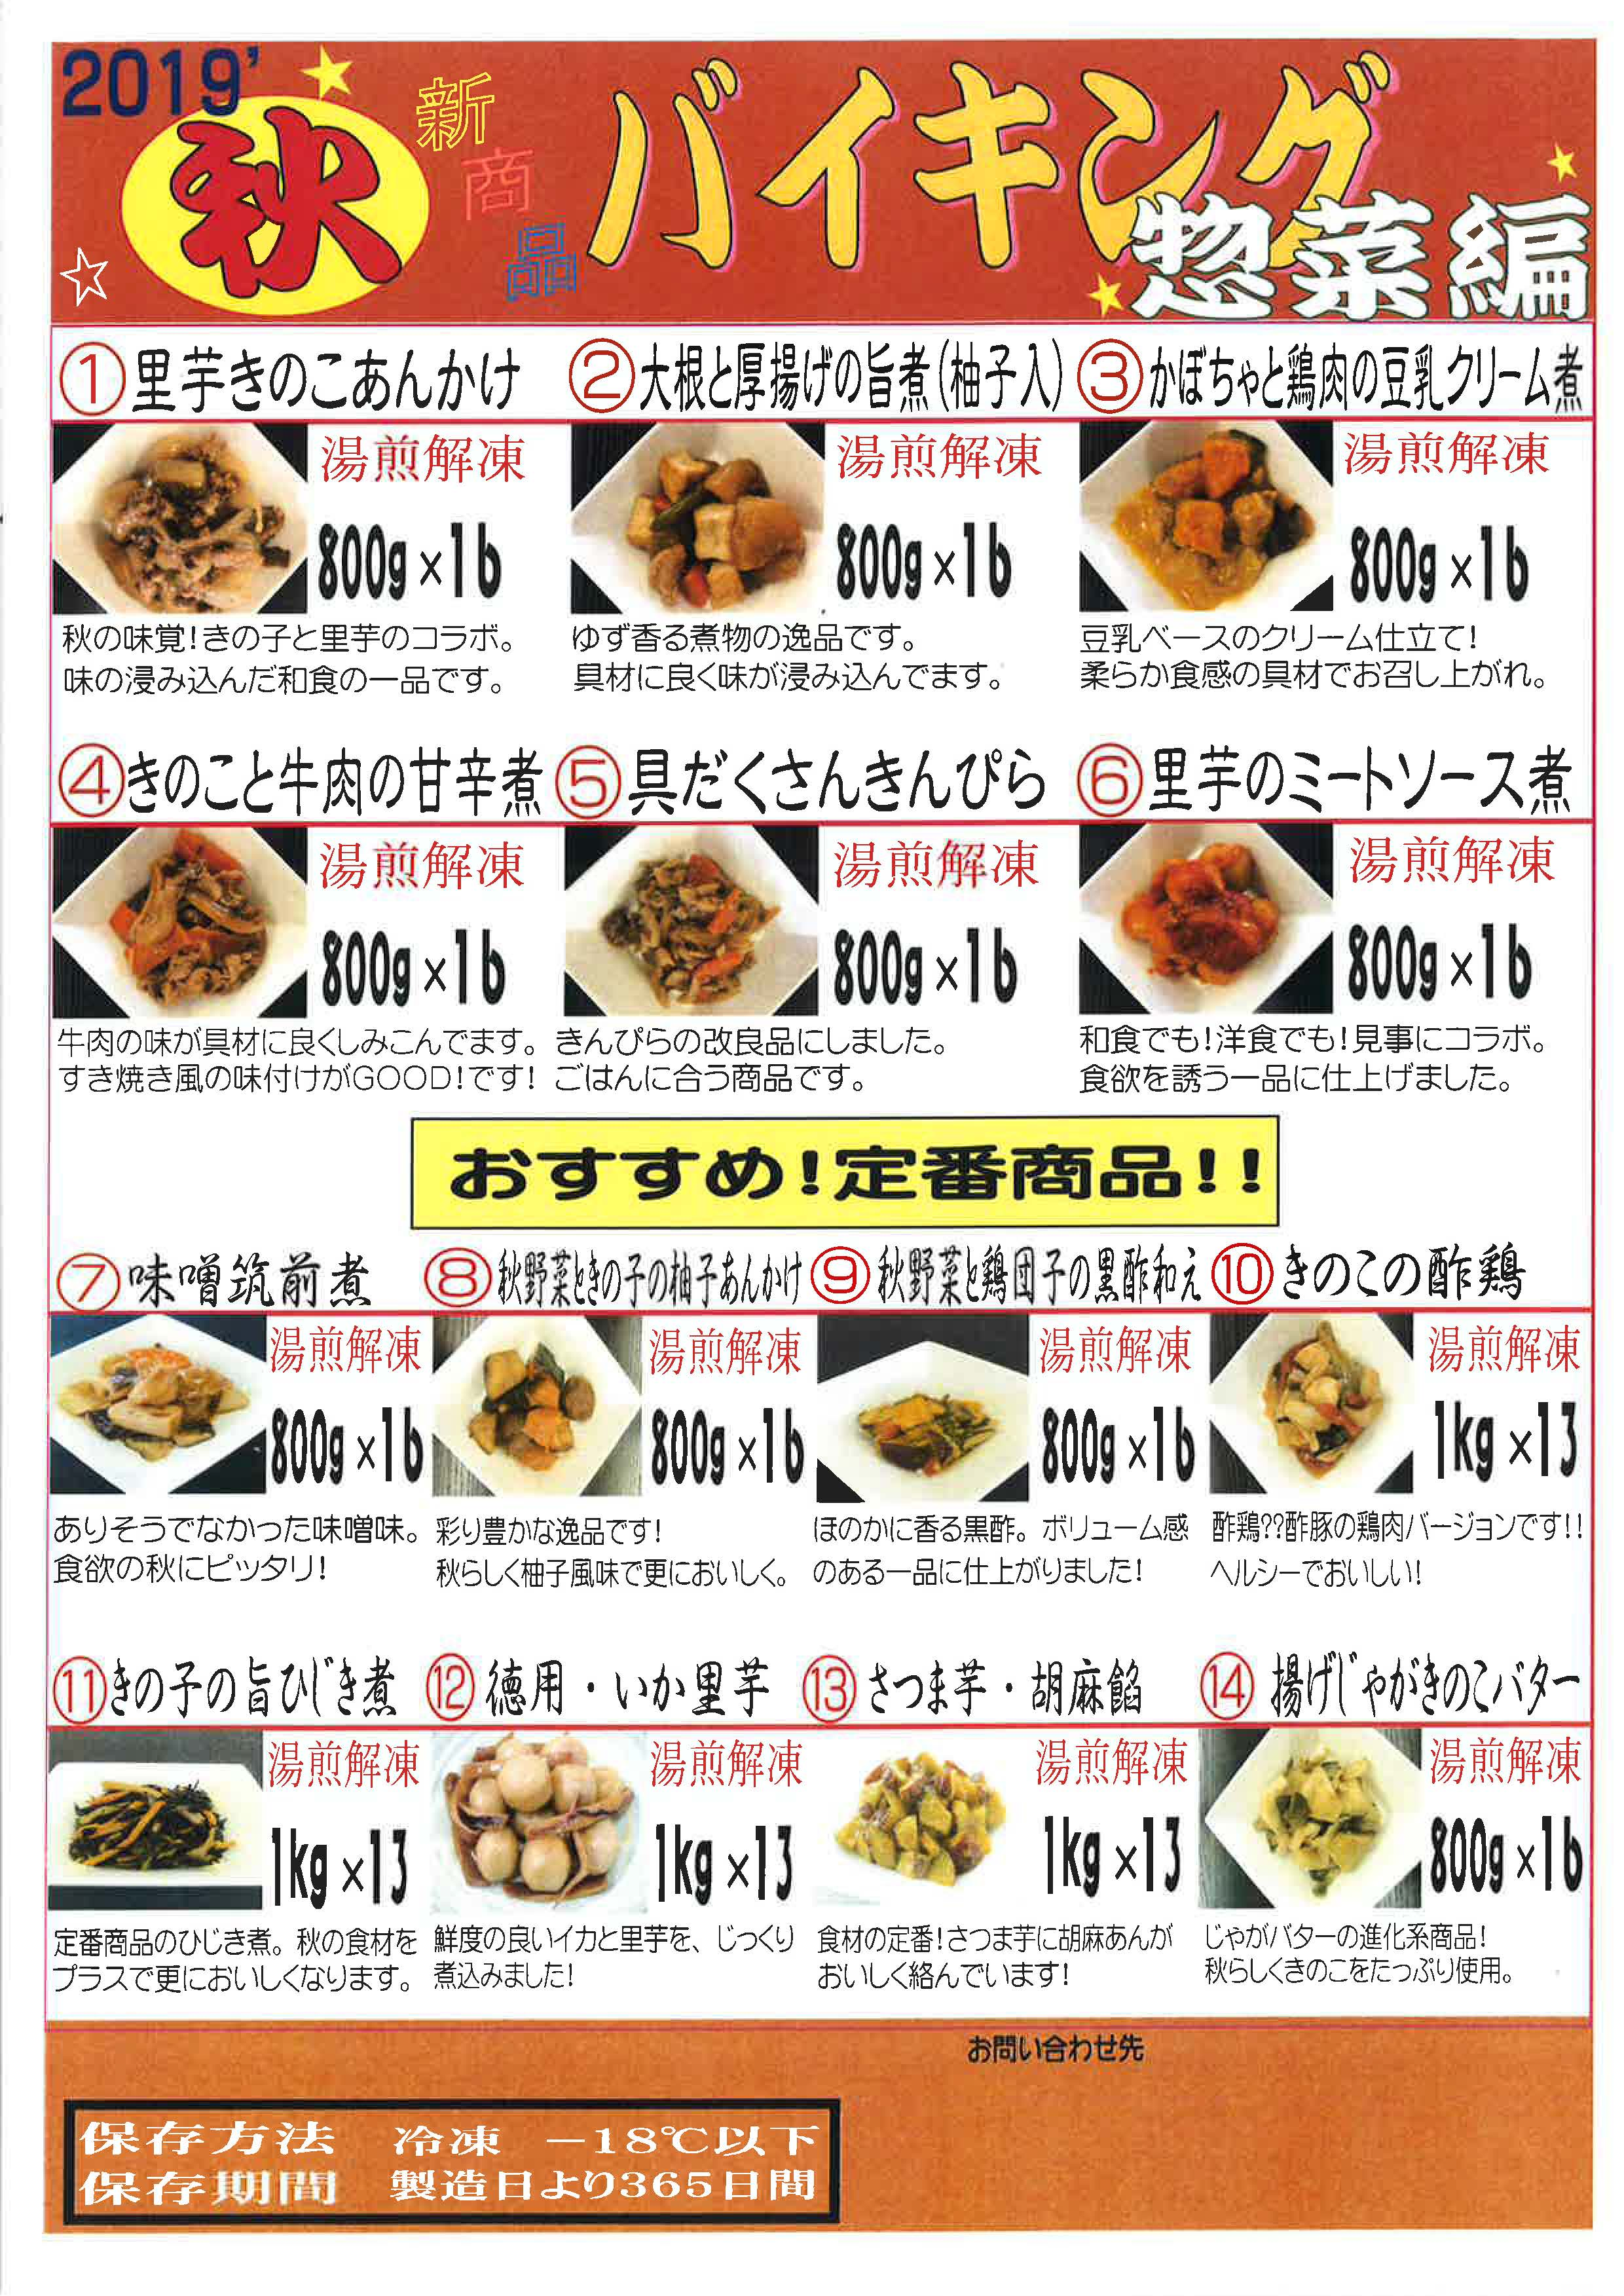 2019.秋惣菜カタログ